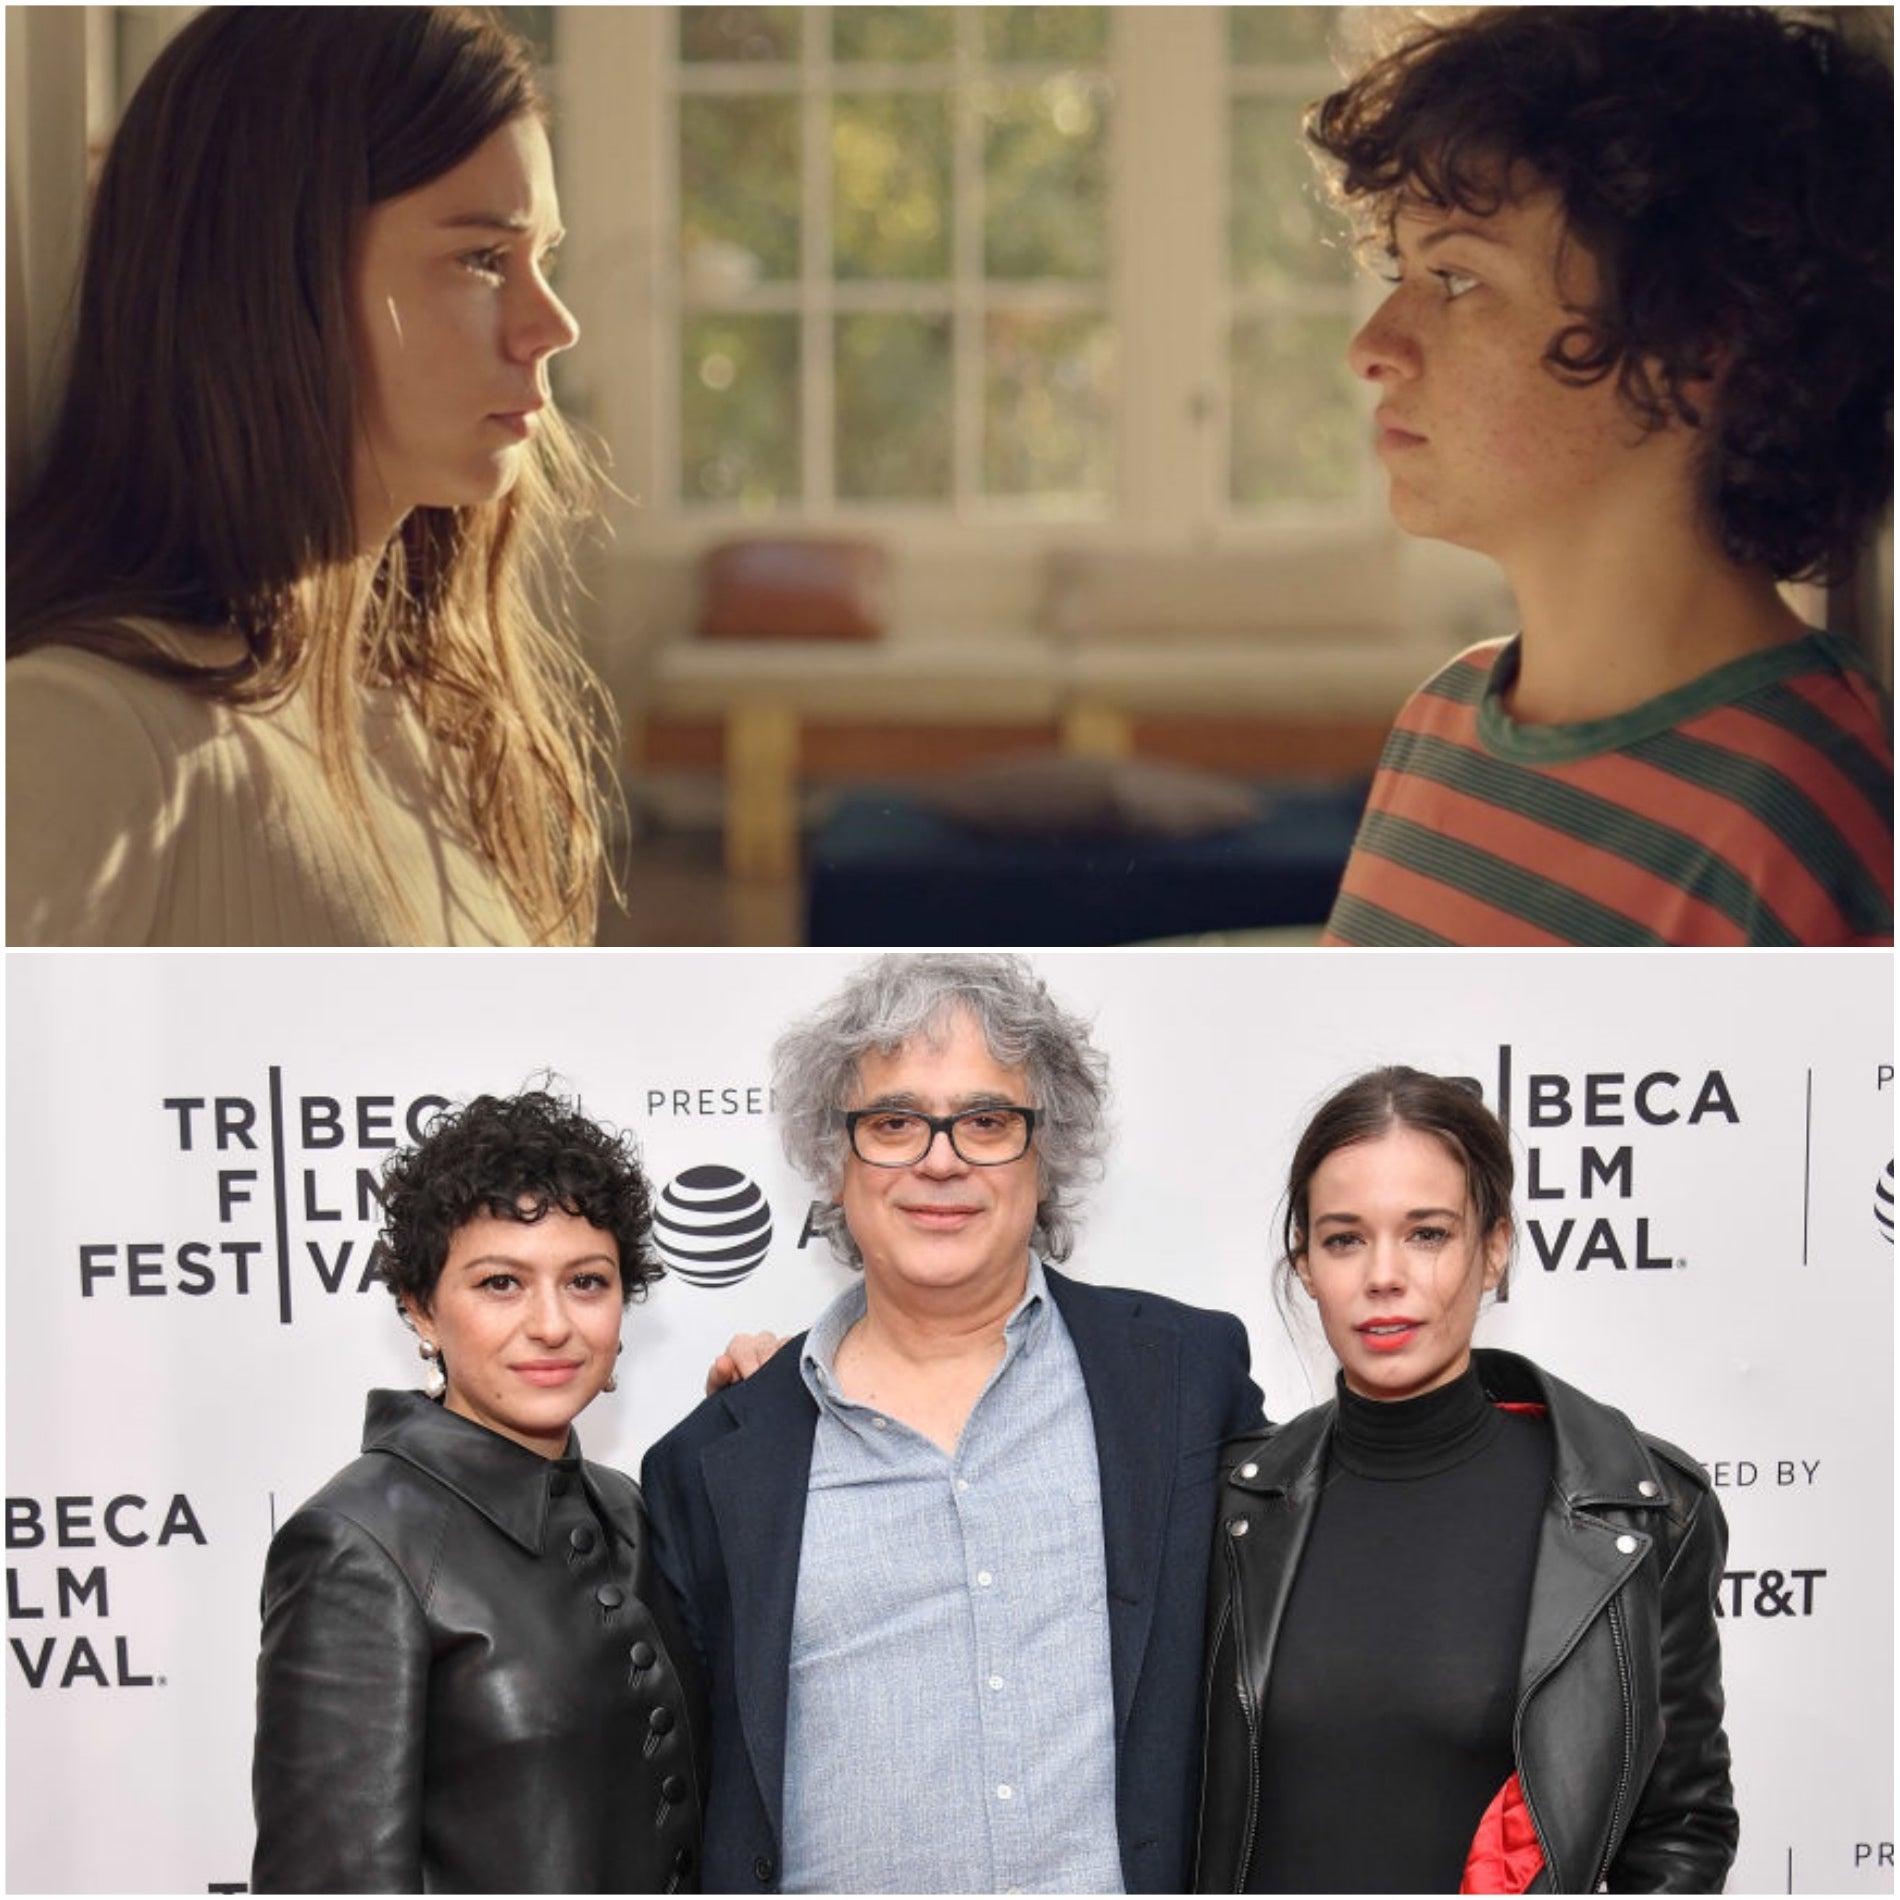 Filmmaker Miguel Arteta, actresses Laia Costa and Alia Shawkat